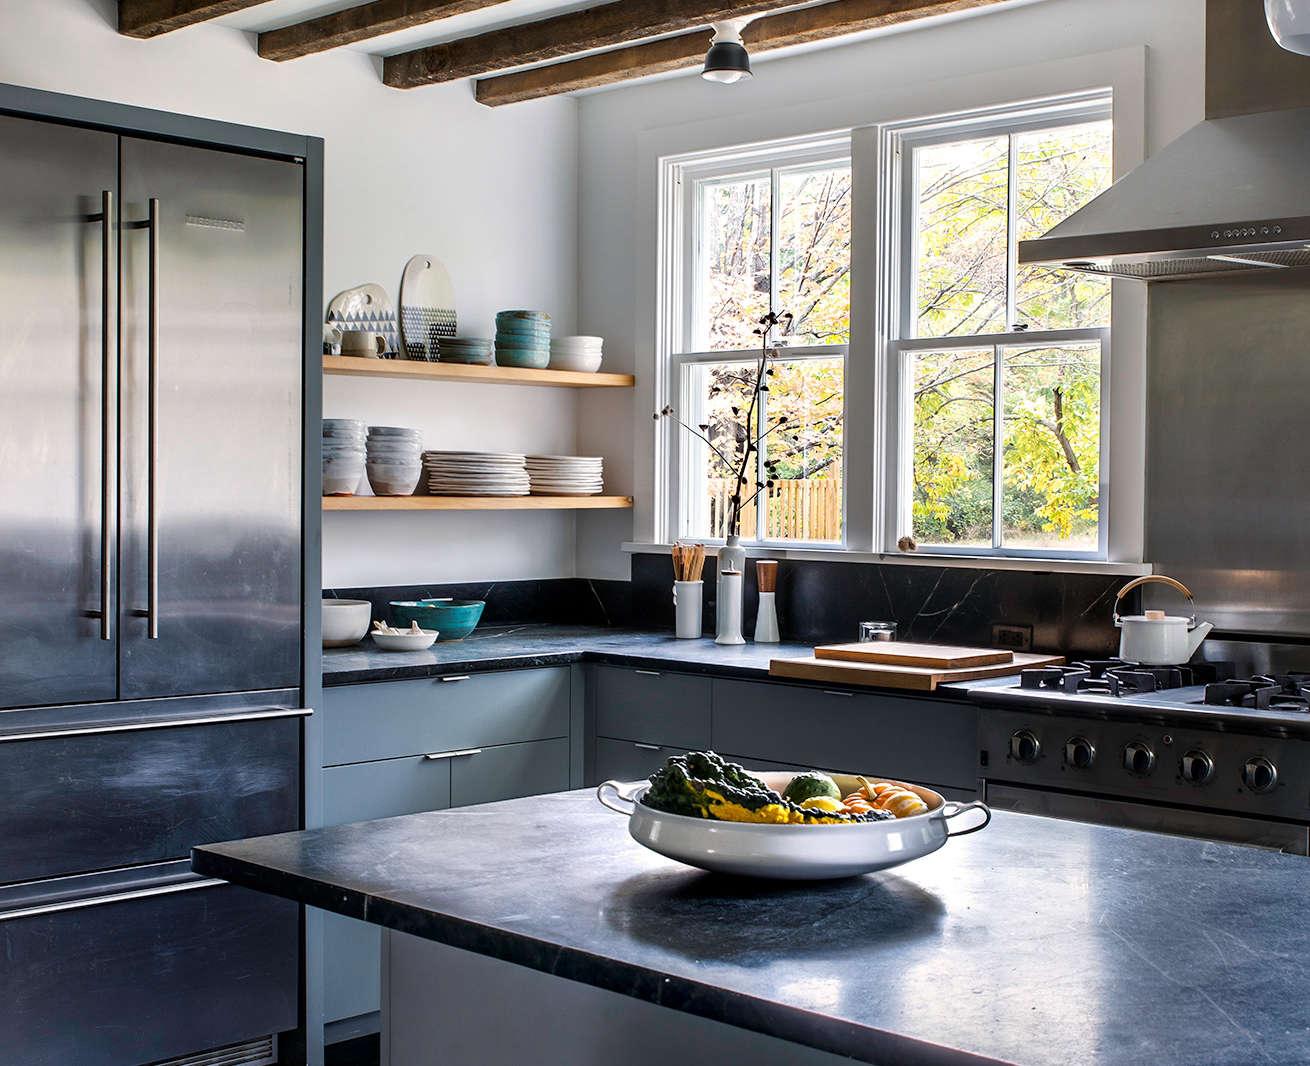 hudson valley kitchen dunja von stoddard full 1 1310x1066